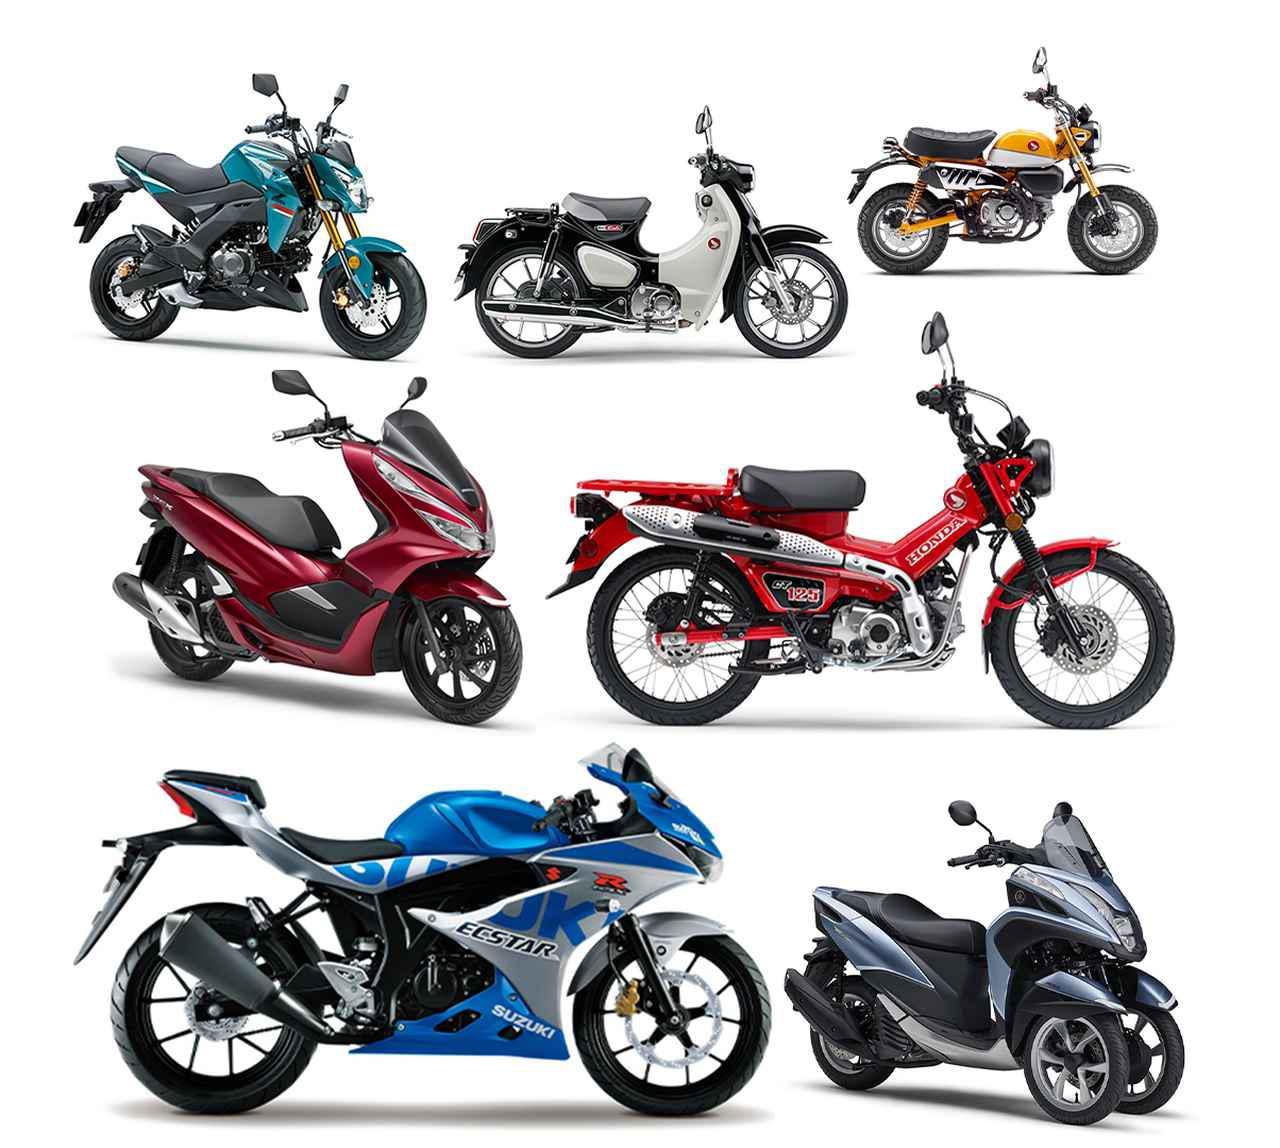 画像: 原付二種125ccバイクの人気ランキングTOP10 読者が選んだ2020年のベストモデルを発表!【JAPAN BIKE OF THE YEAR 2020】 - webオートバイ